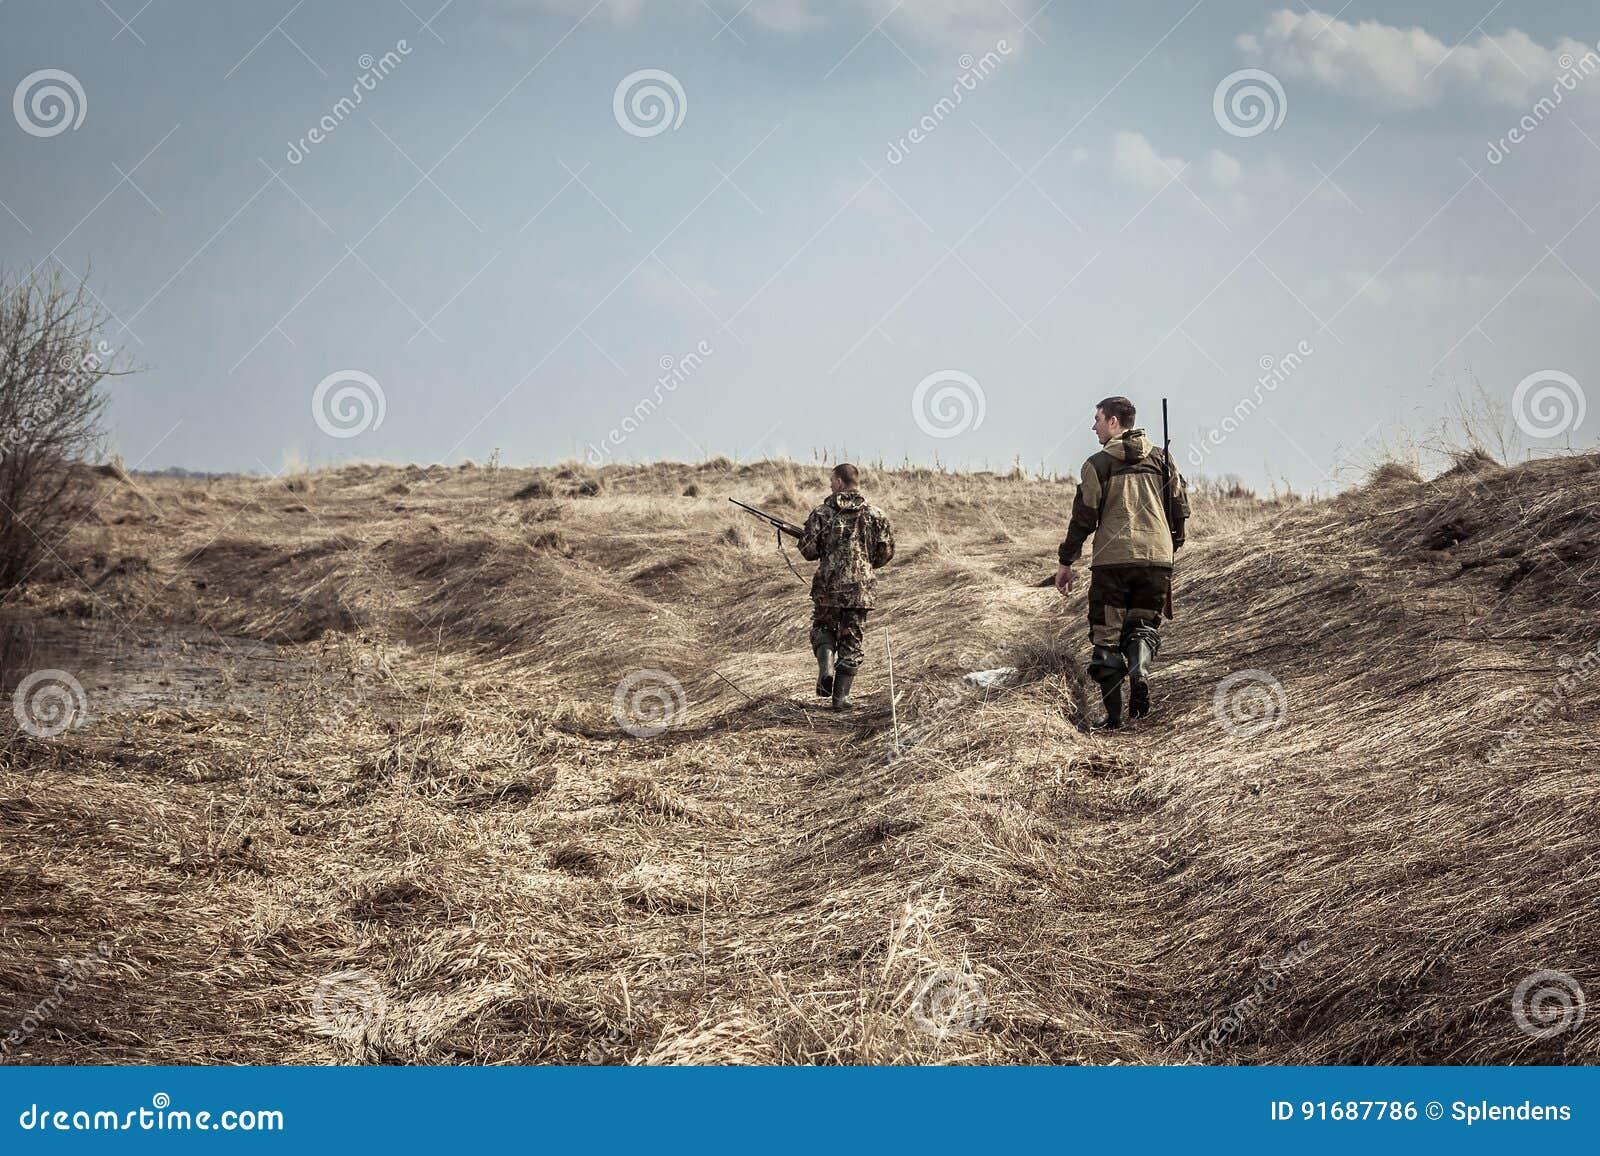 Scène de chasse avec des chasseurs des hommes avec des fusils de chasse explorant la zone rurale pendant la saison de chasse